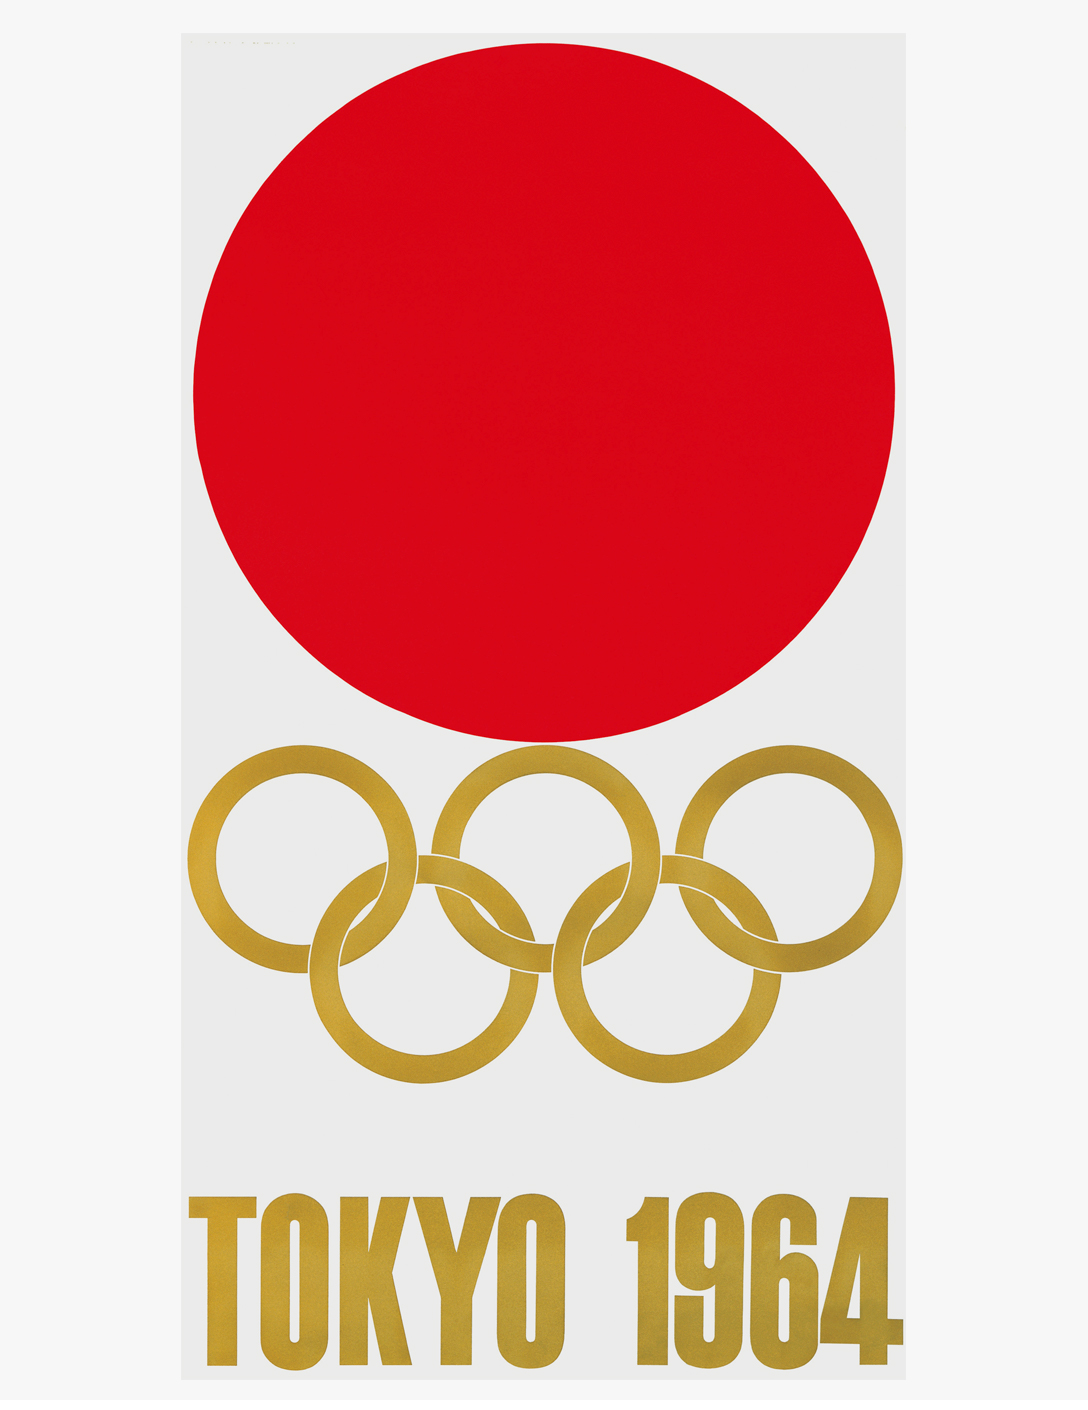 '64 東京オリンピック 第1号ポスター・ロゴマーク